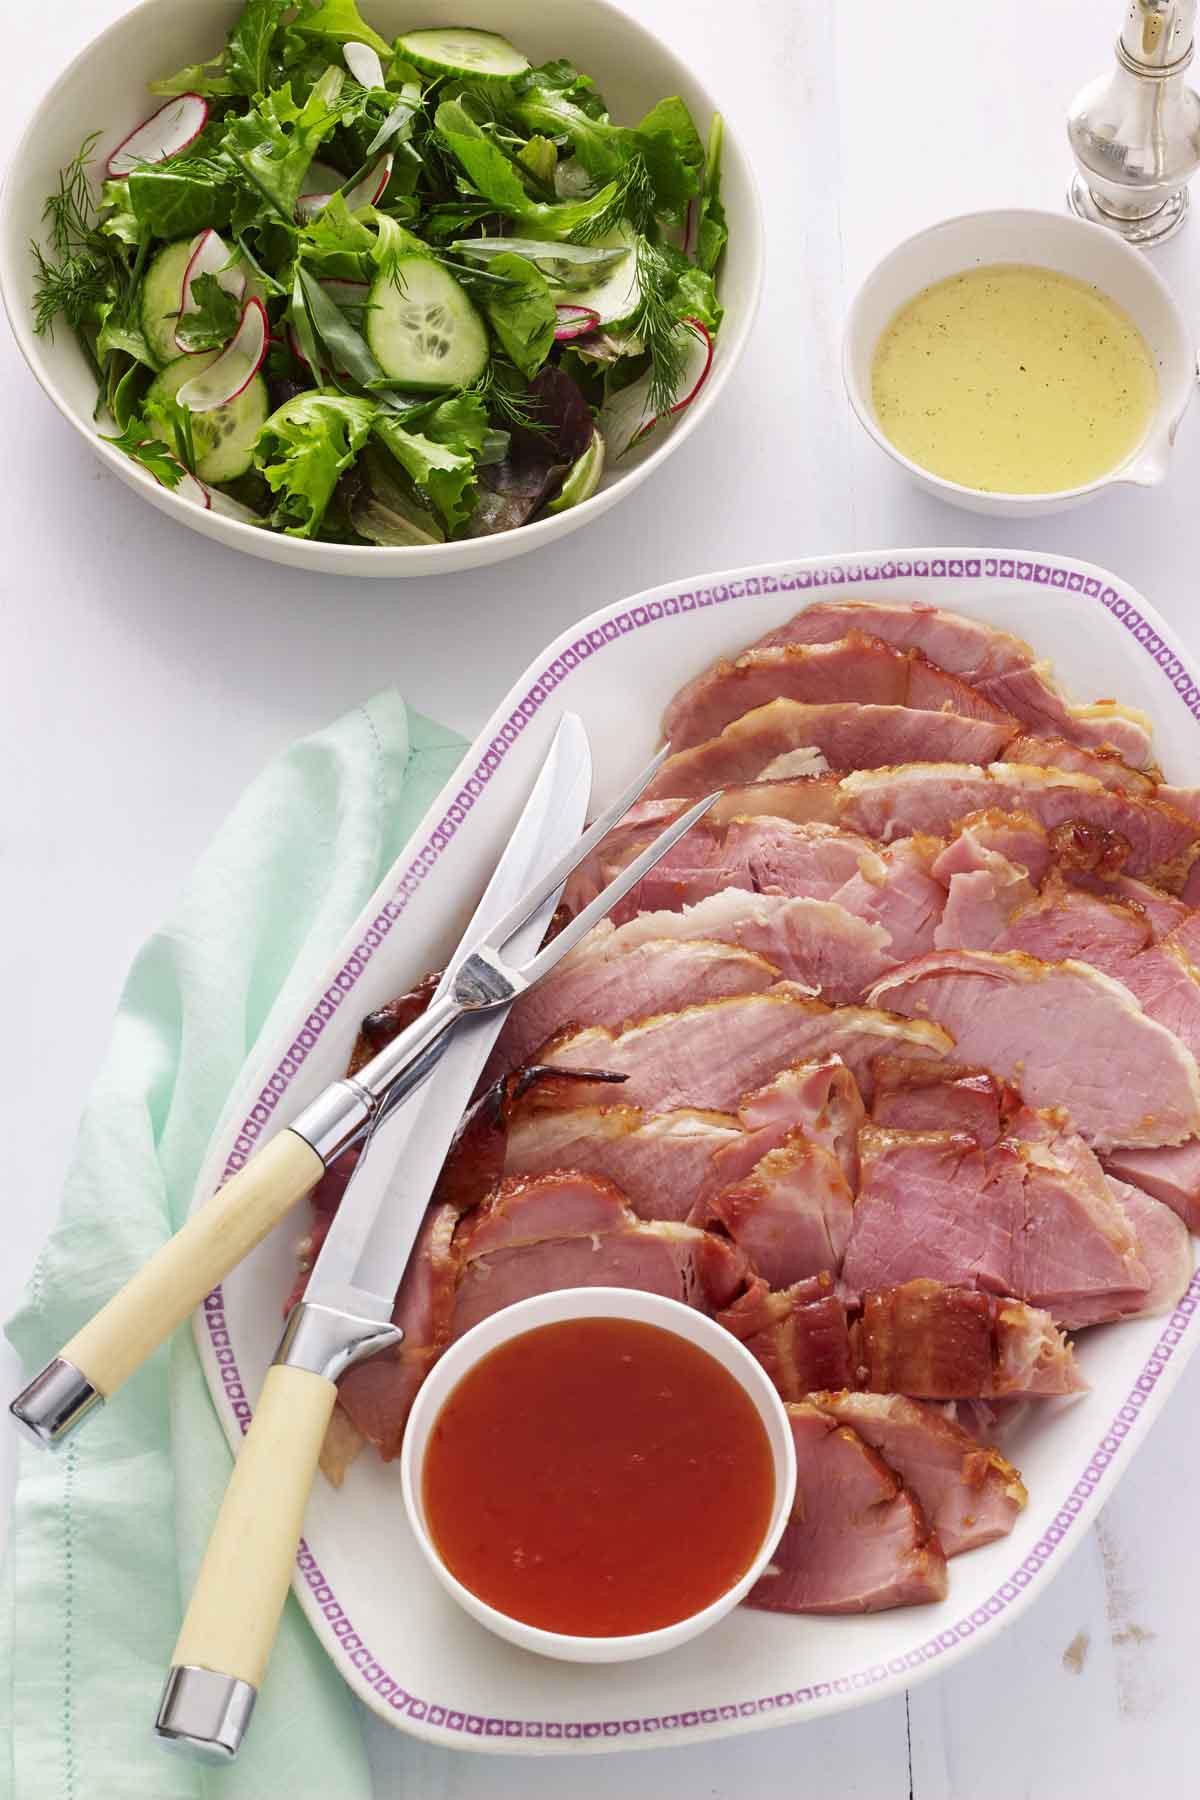 Easter Dinner Ideas.No Ham  21 Easy Easter Dinner Ideas Recipes for the Best Easter